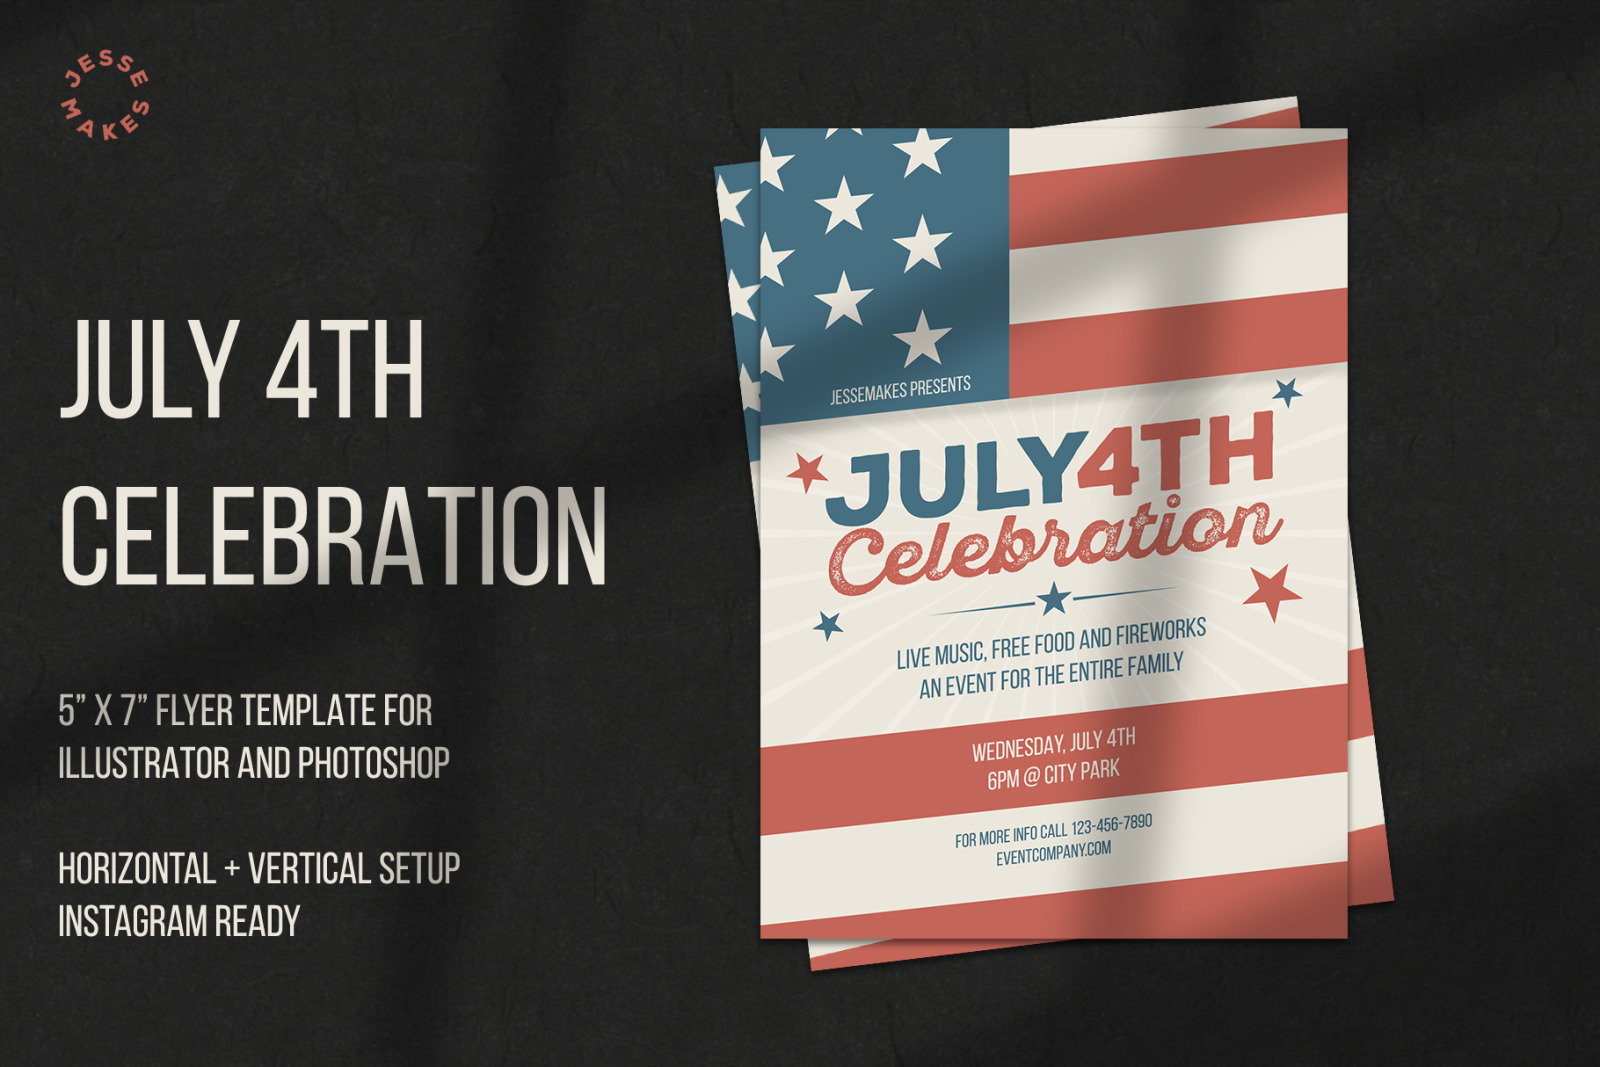 July 4th Celebration Flyer